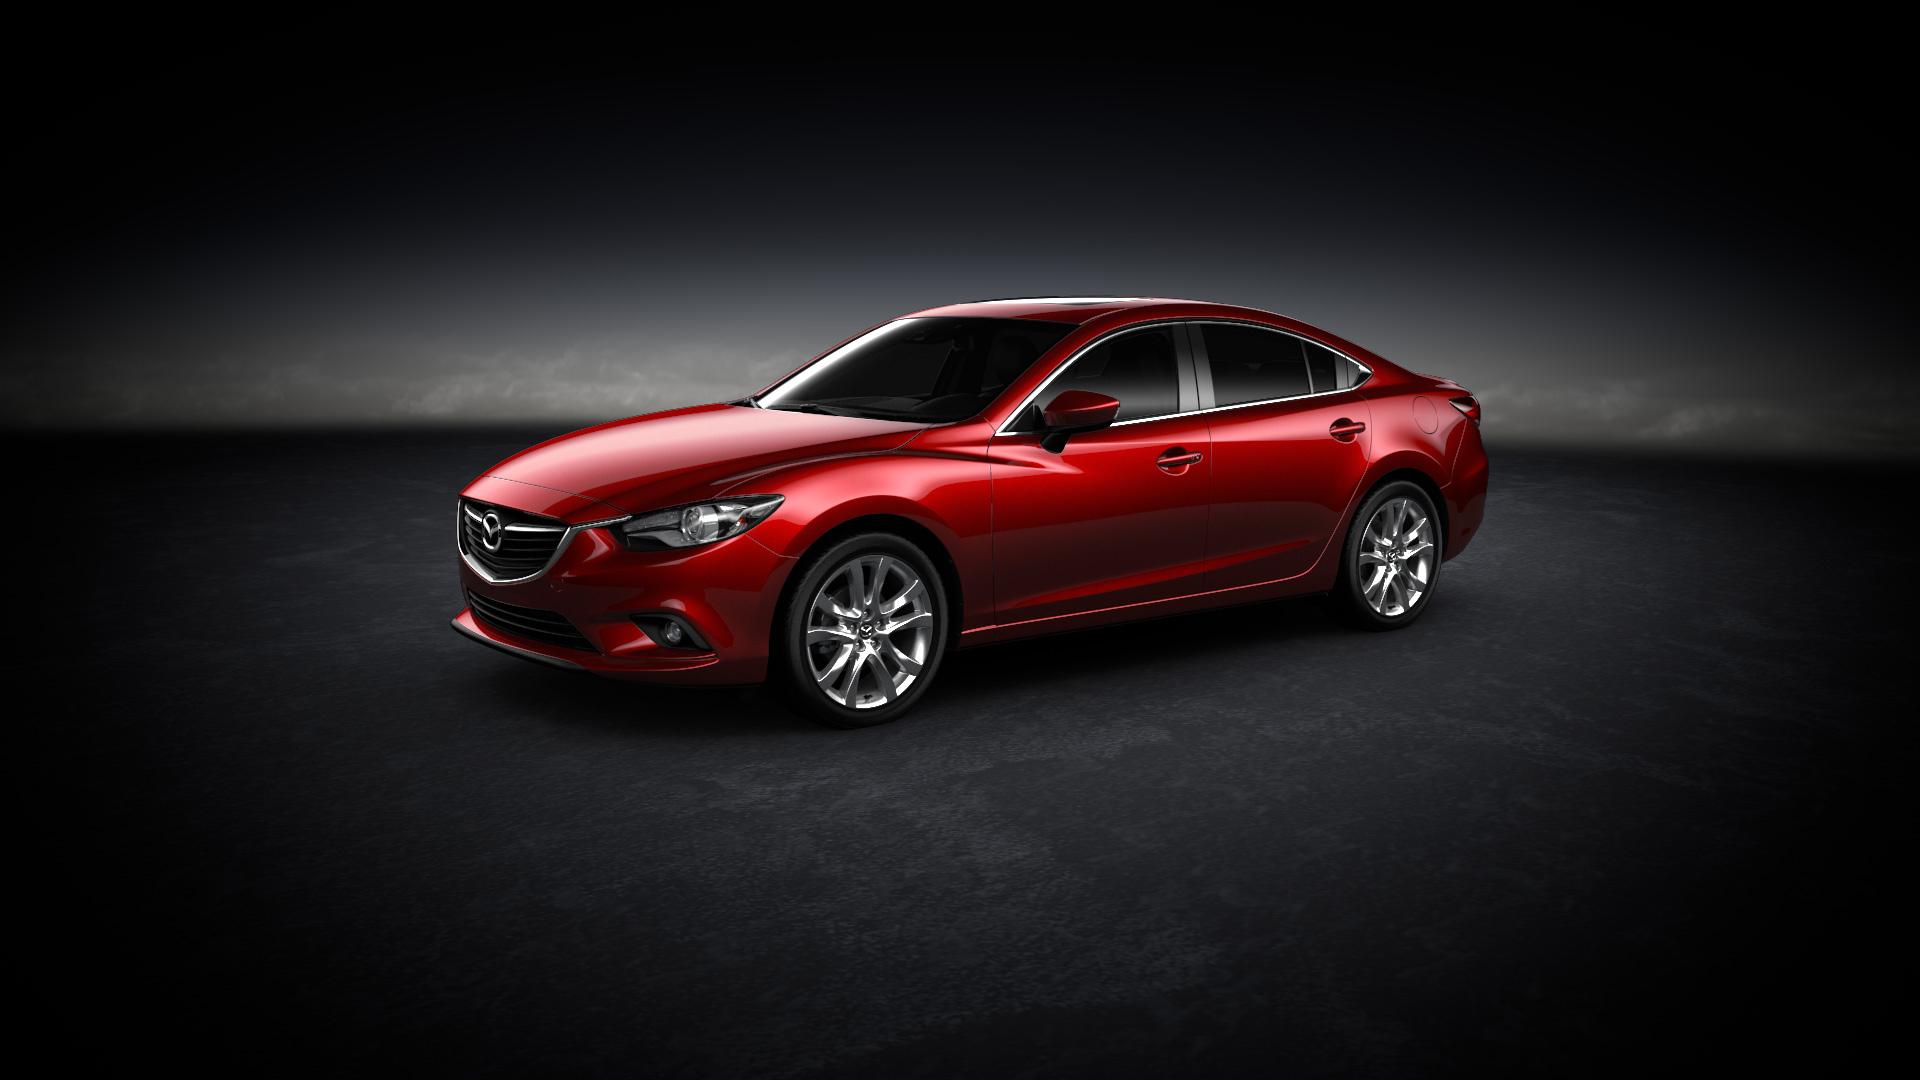 красный спортивный автомобиль mazda 6  № 990268 без смс